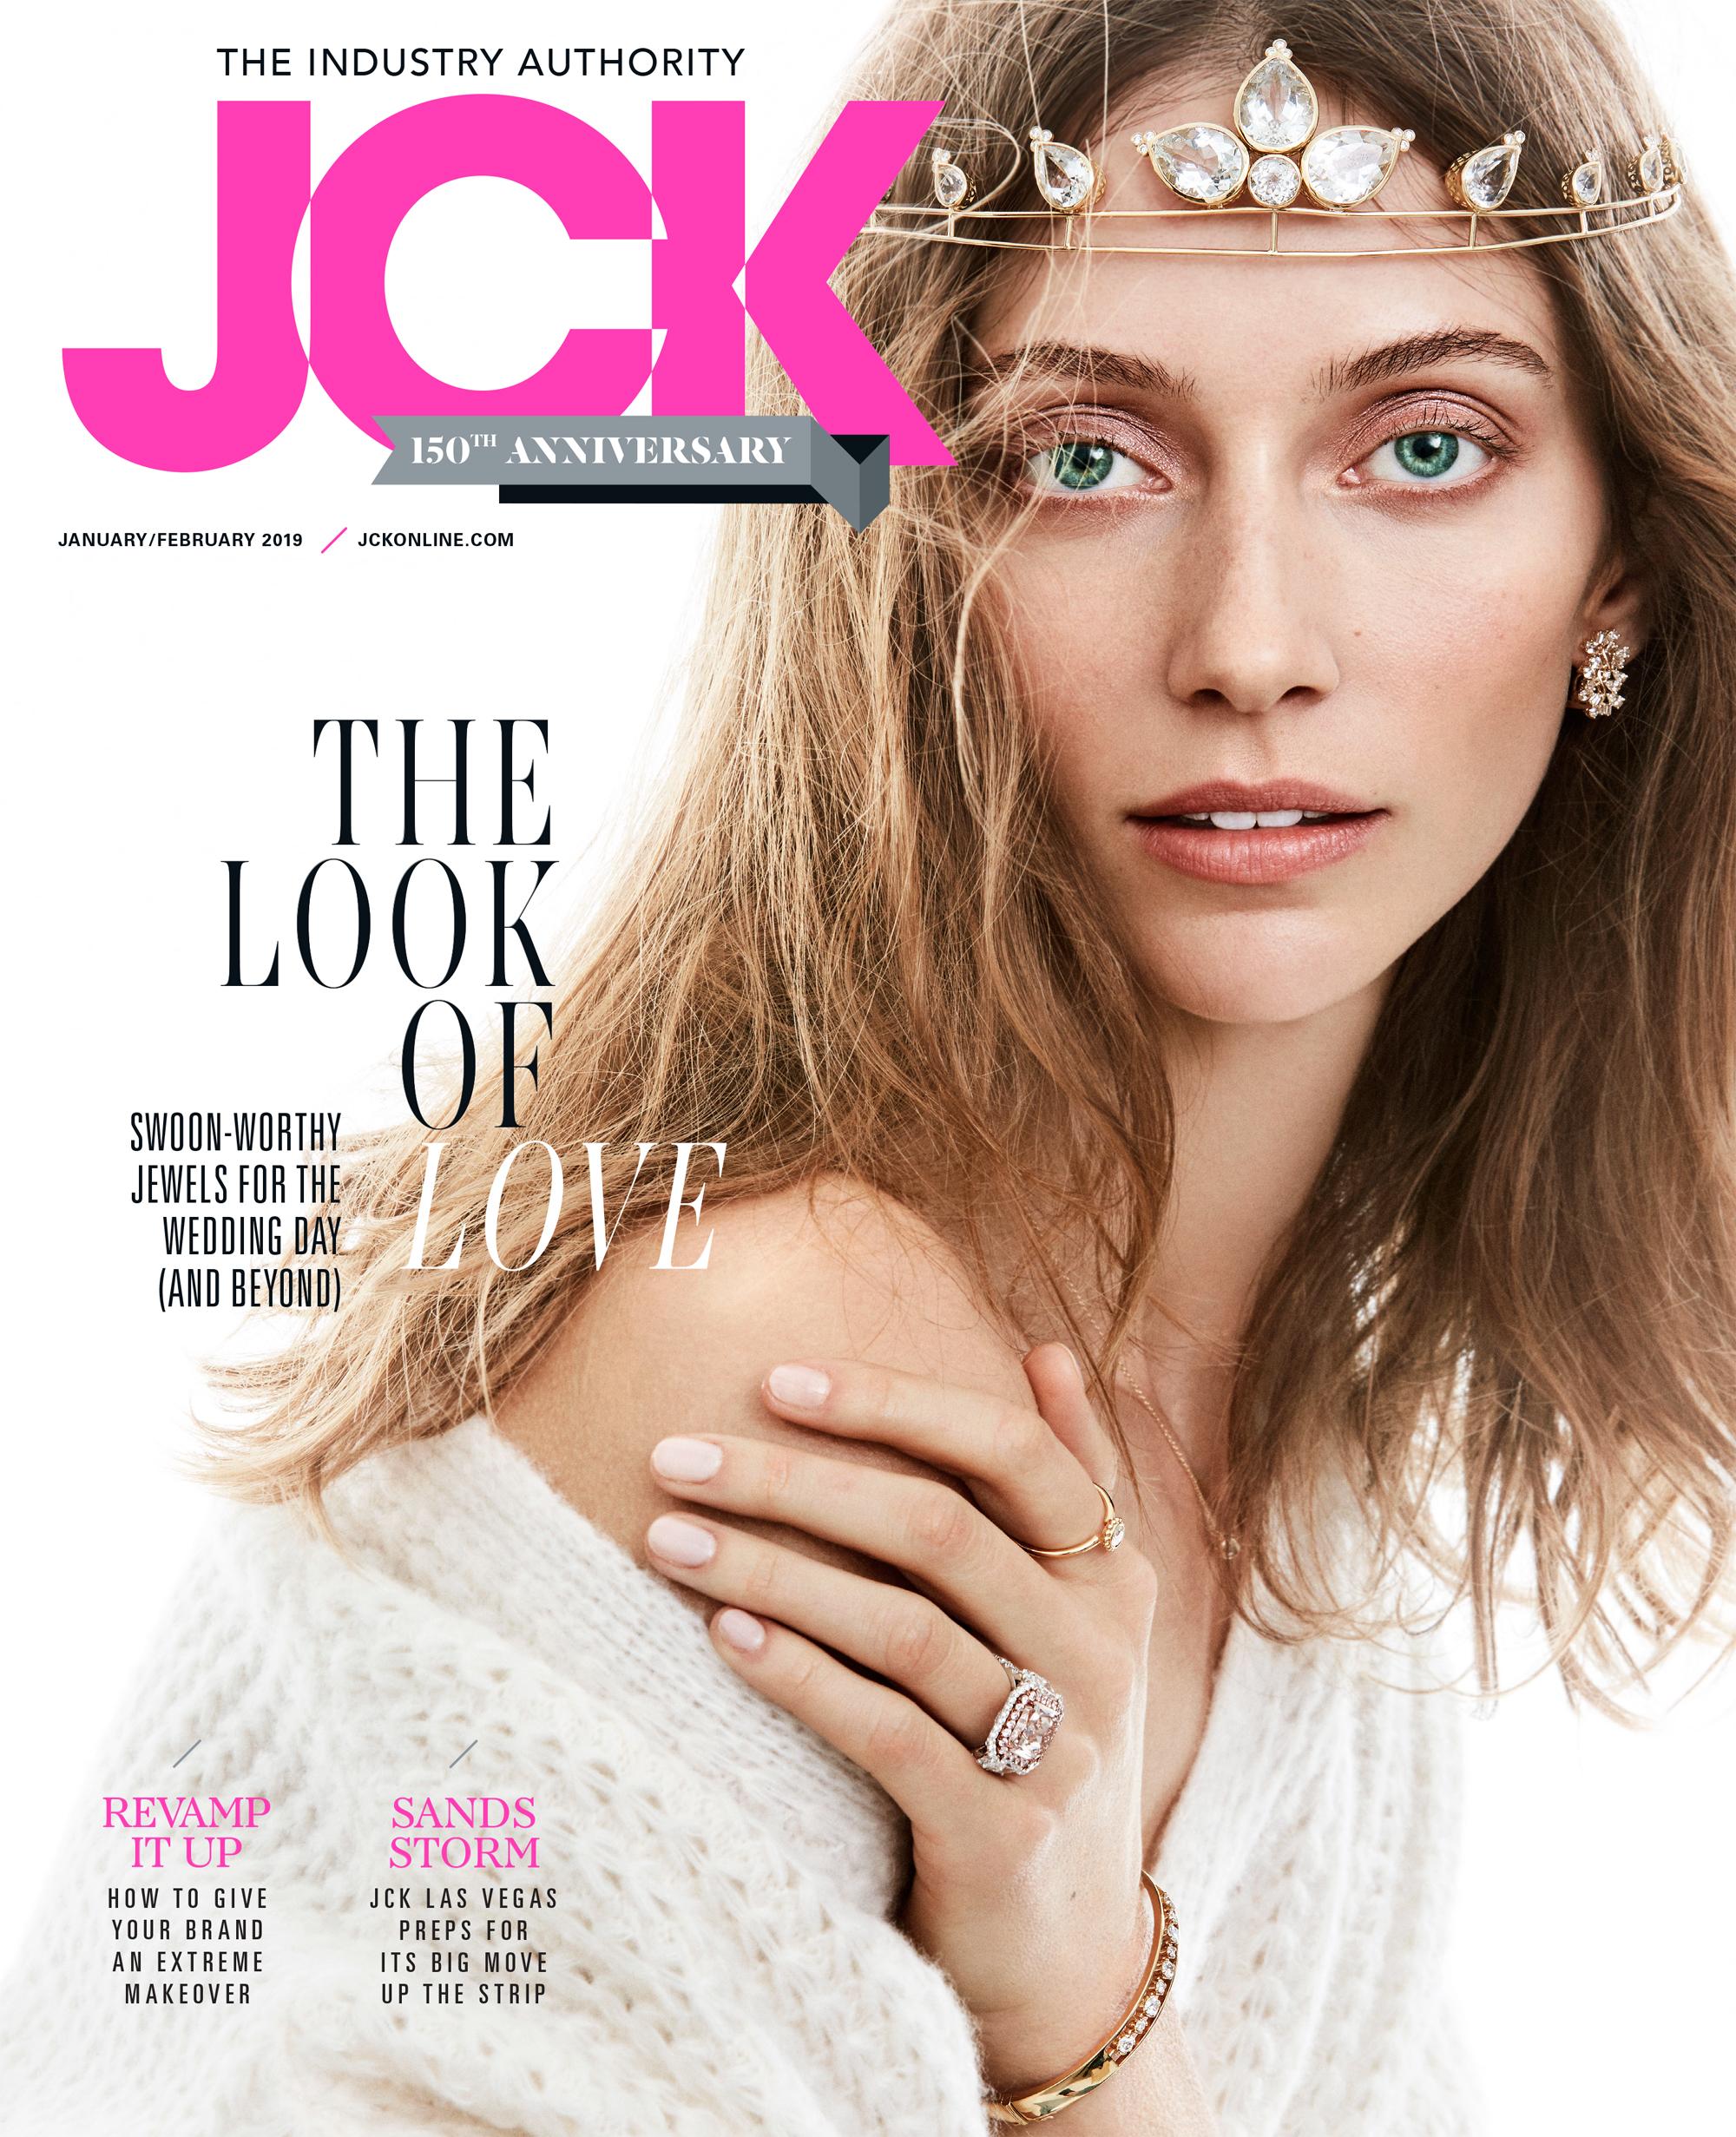 Jan-Feb 2019 COVER JCK Magazine ML.jpg